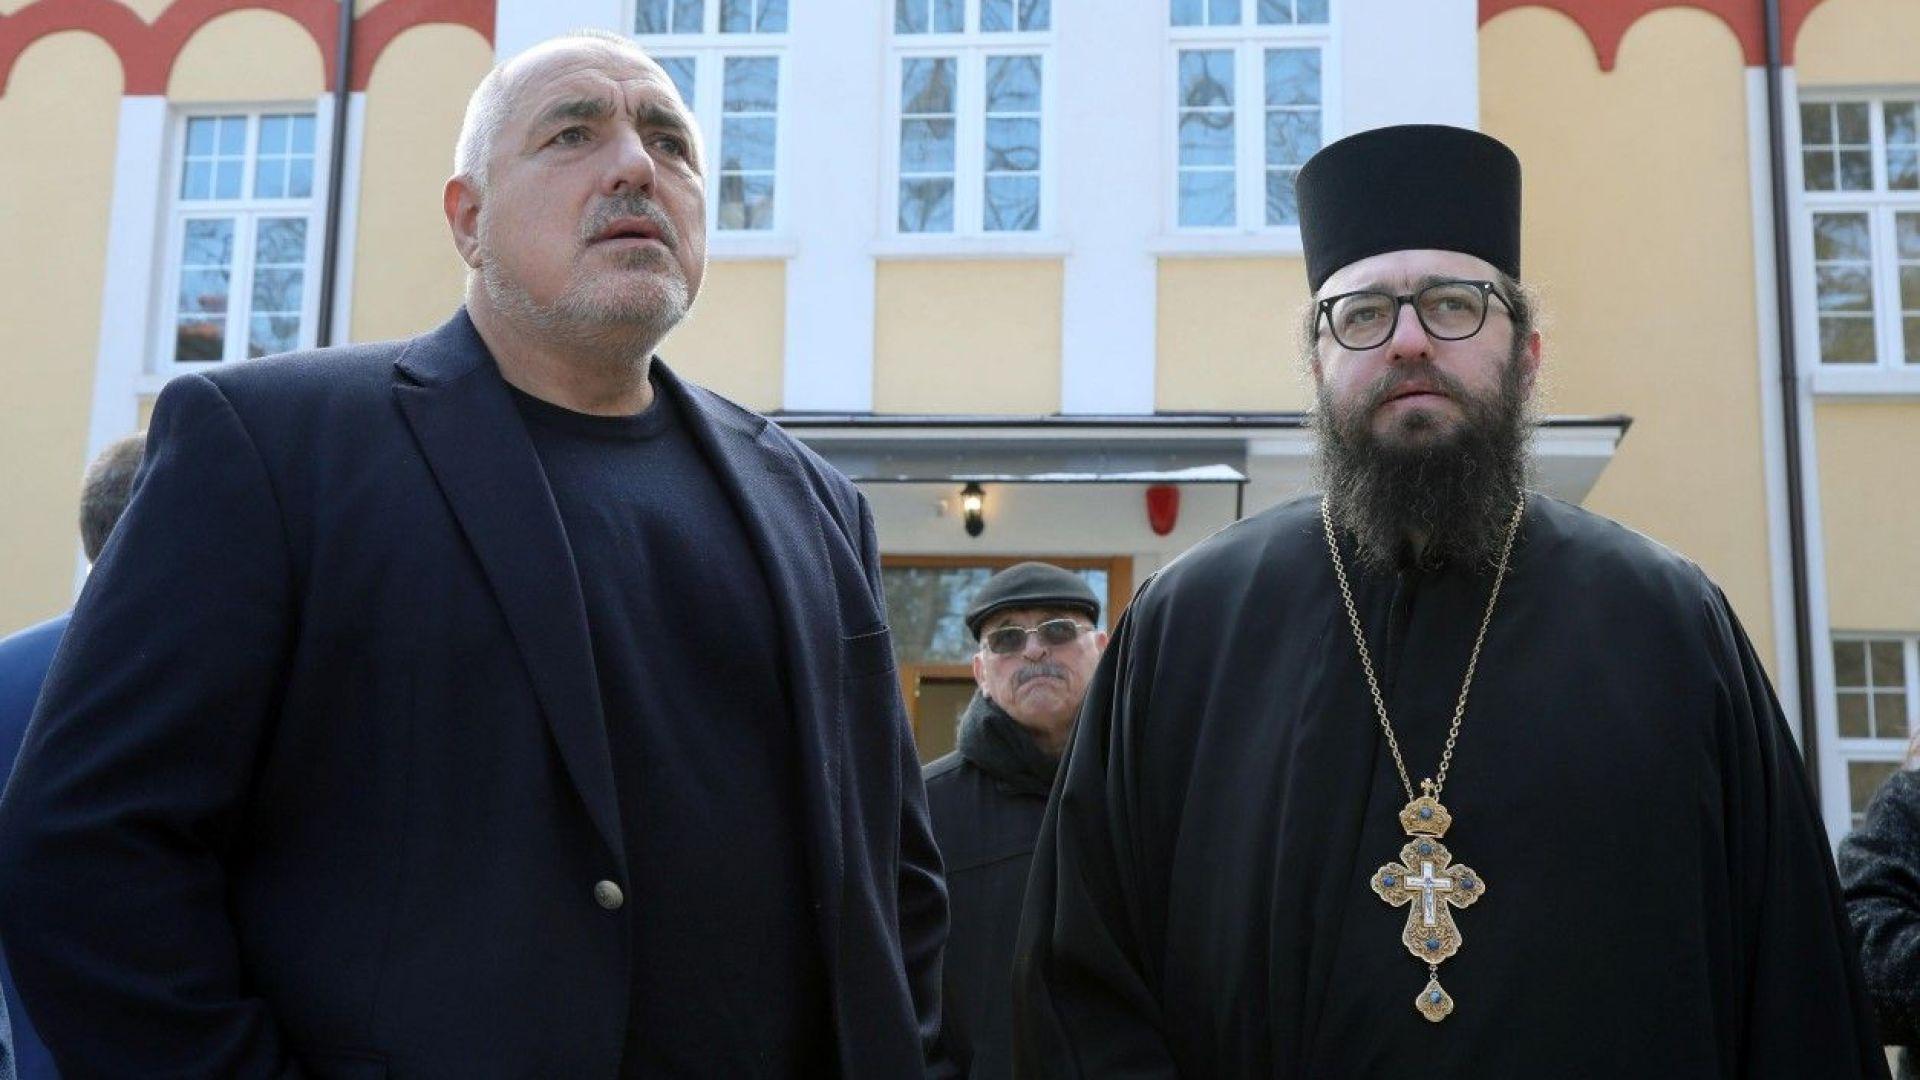 Борисов: Да ни тръгне Новата година с Божията помощ, защото без Господа нищо не може да се направи